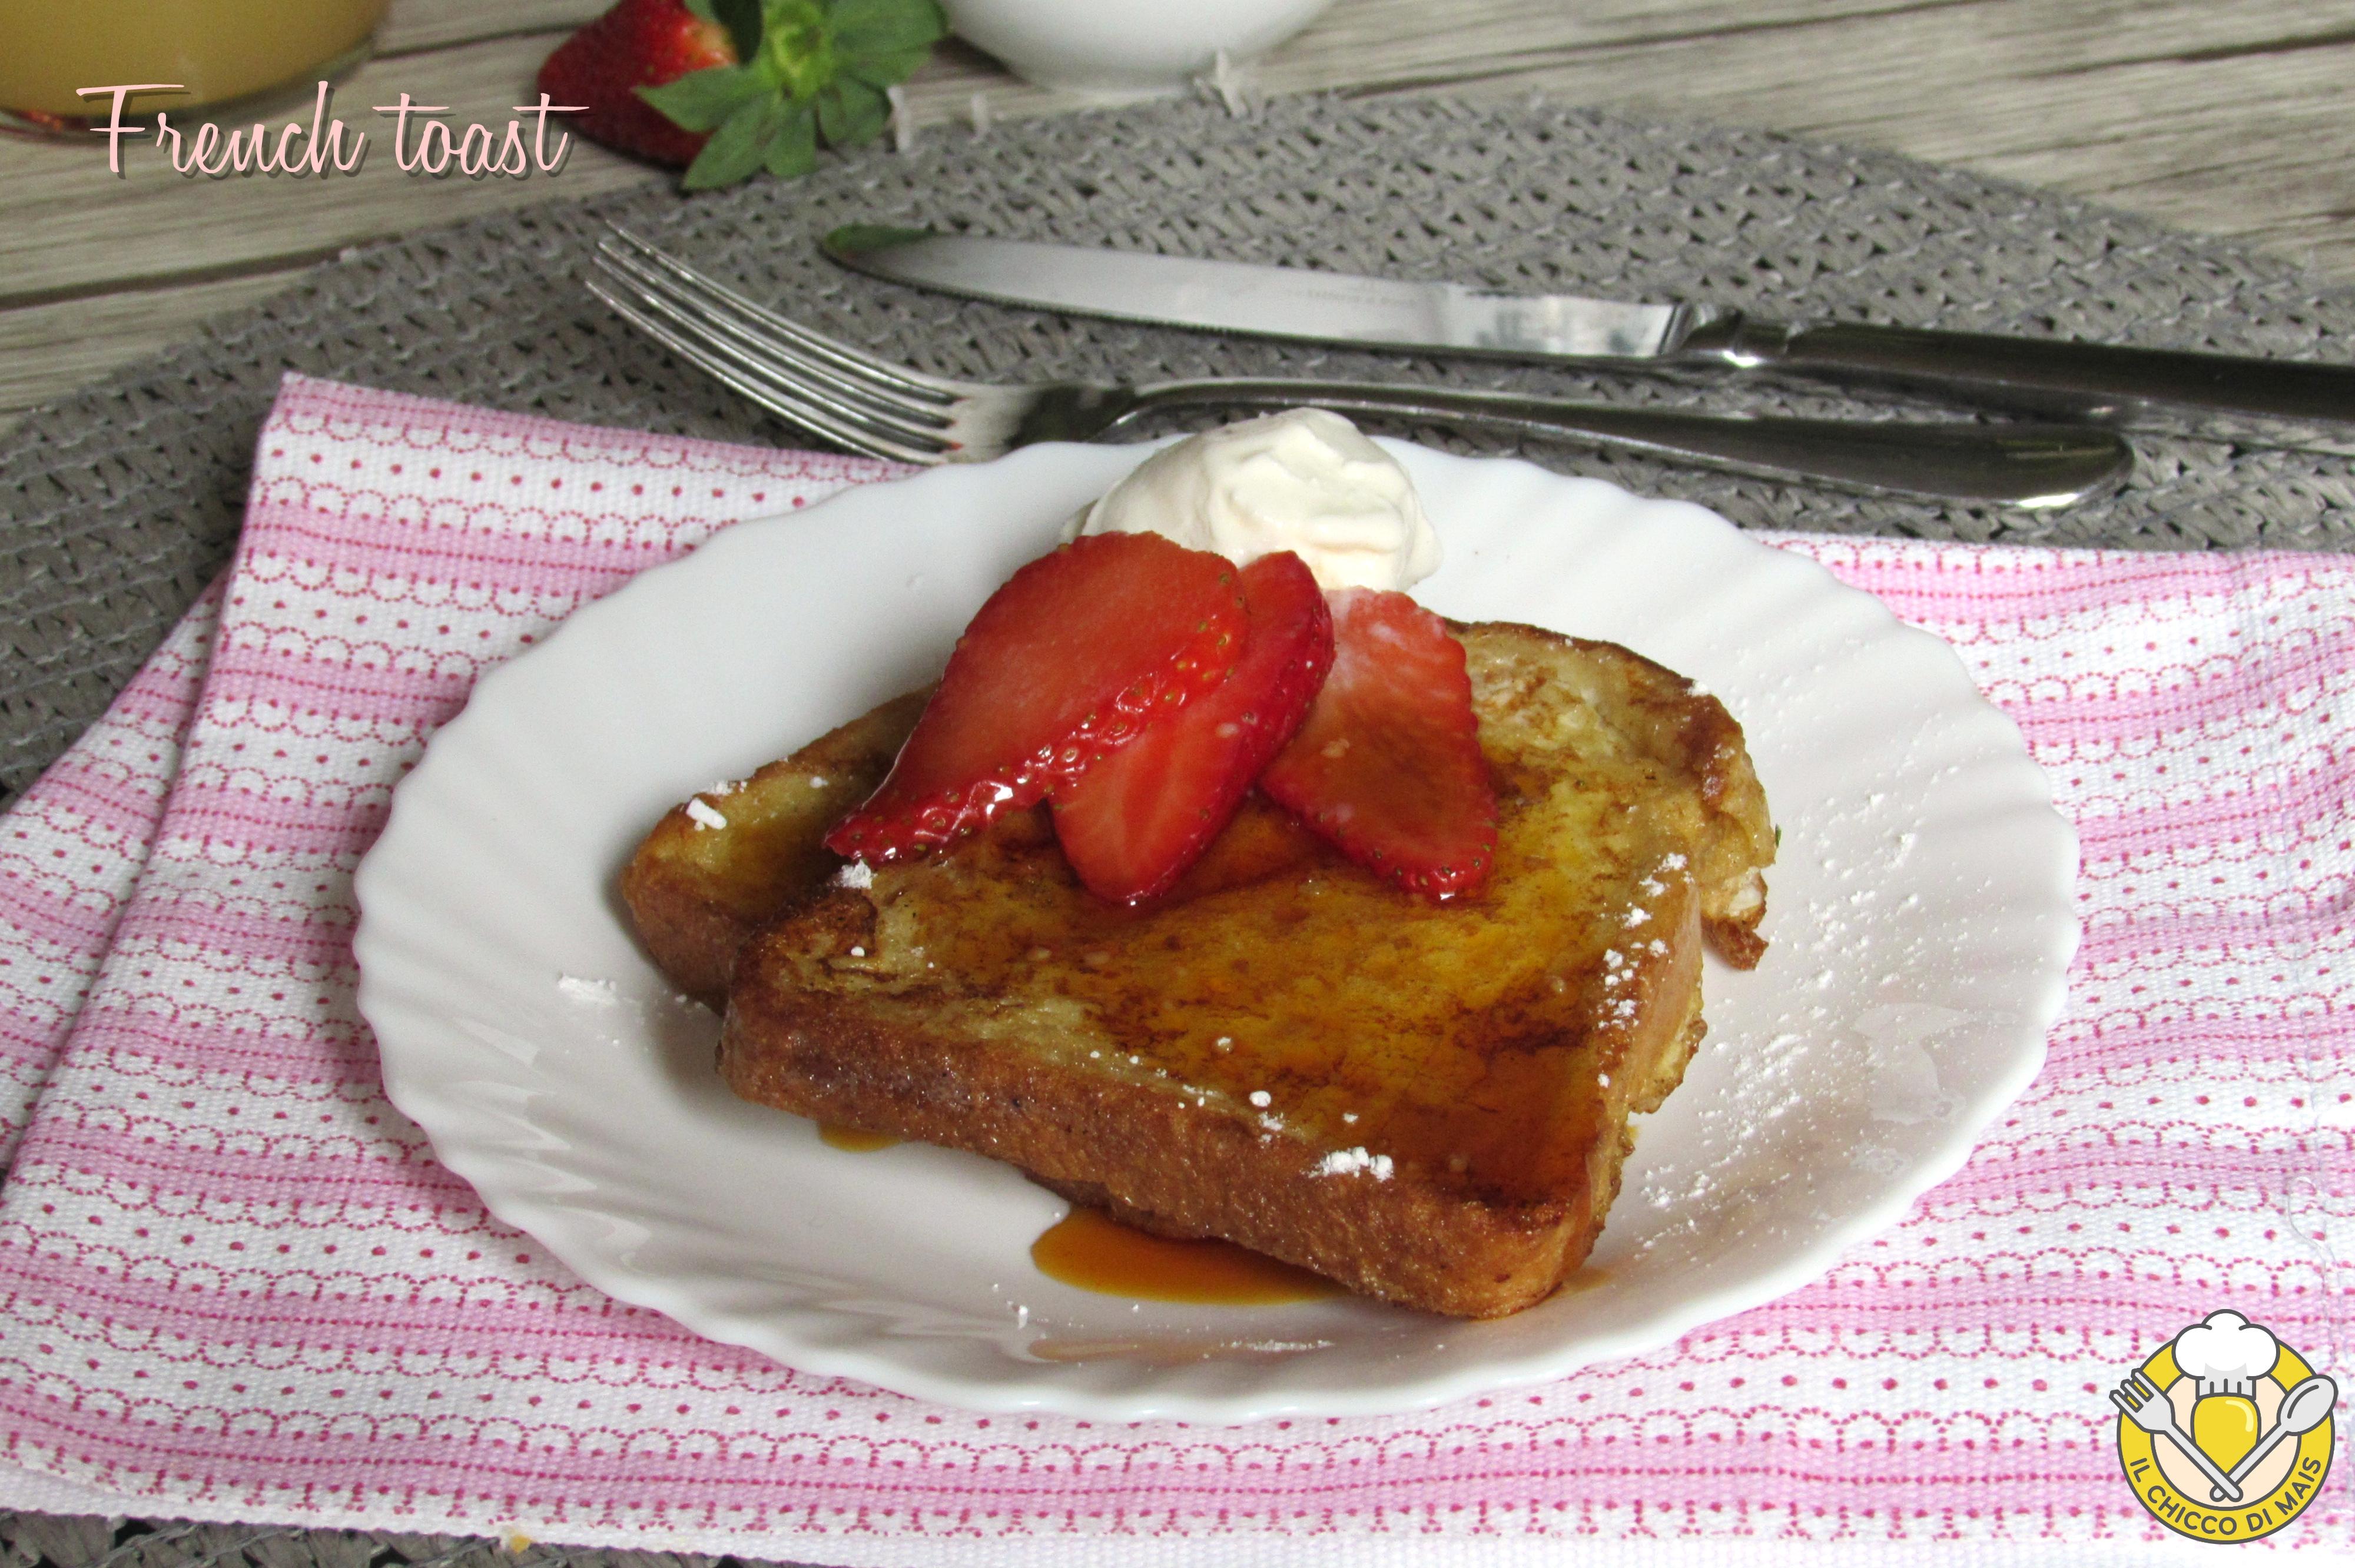 french toast ricetta pane fritto dorato per colazione americana il chicco di mais